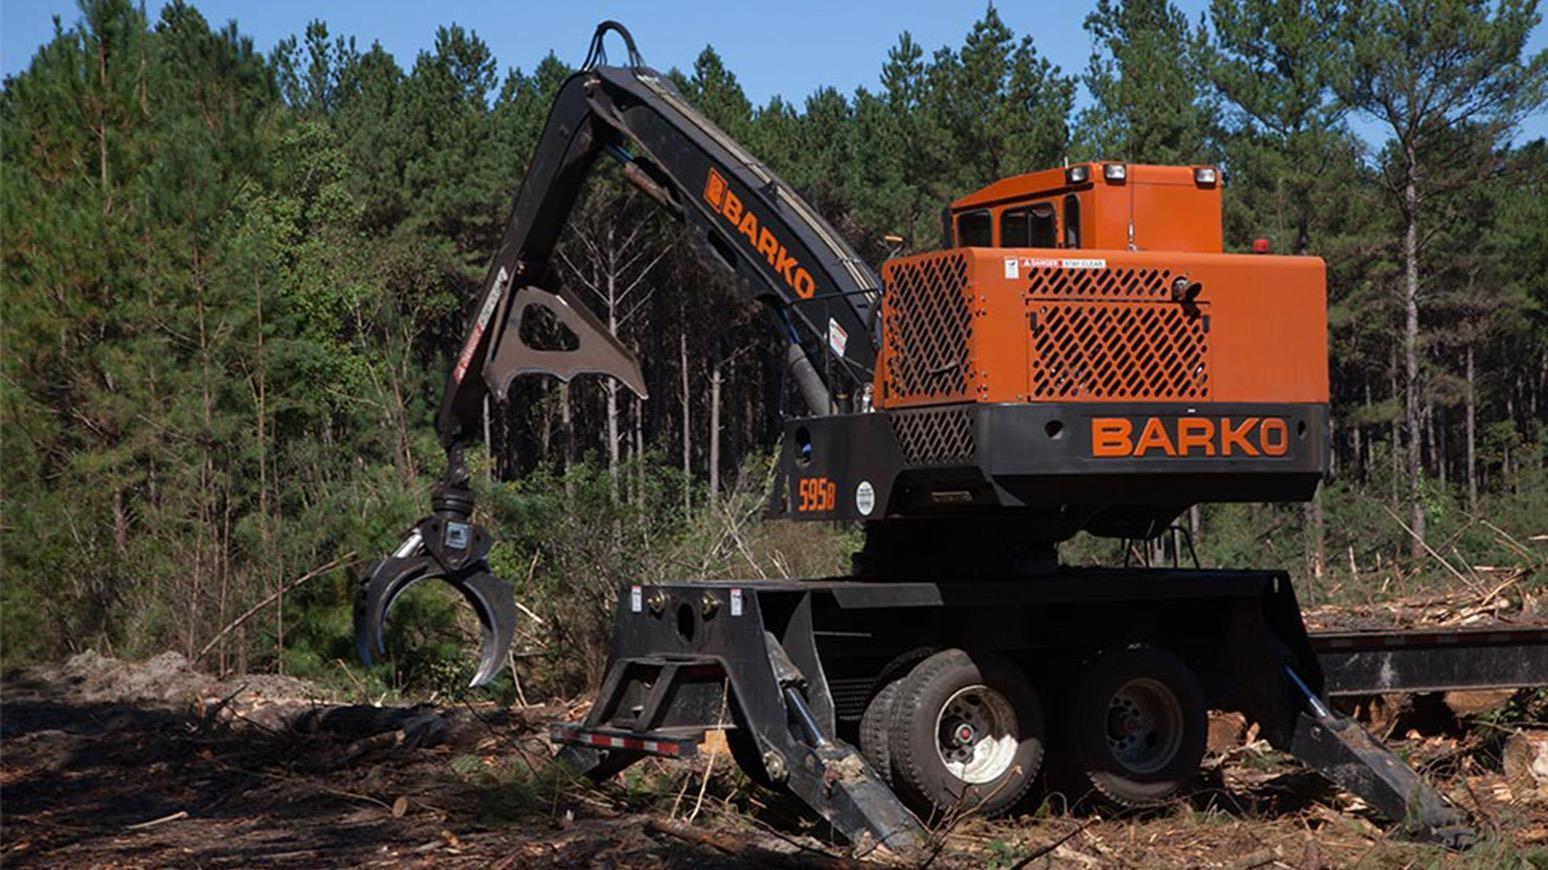 Trailer Log Loaders Logging Equipment For Sale - 307